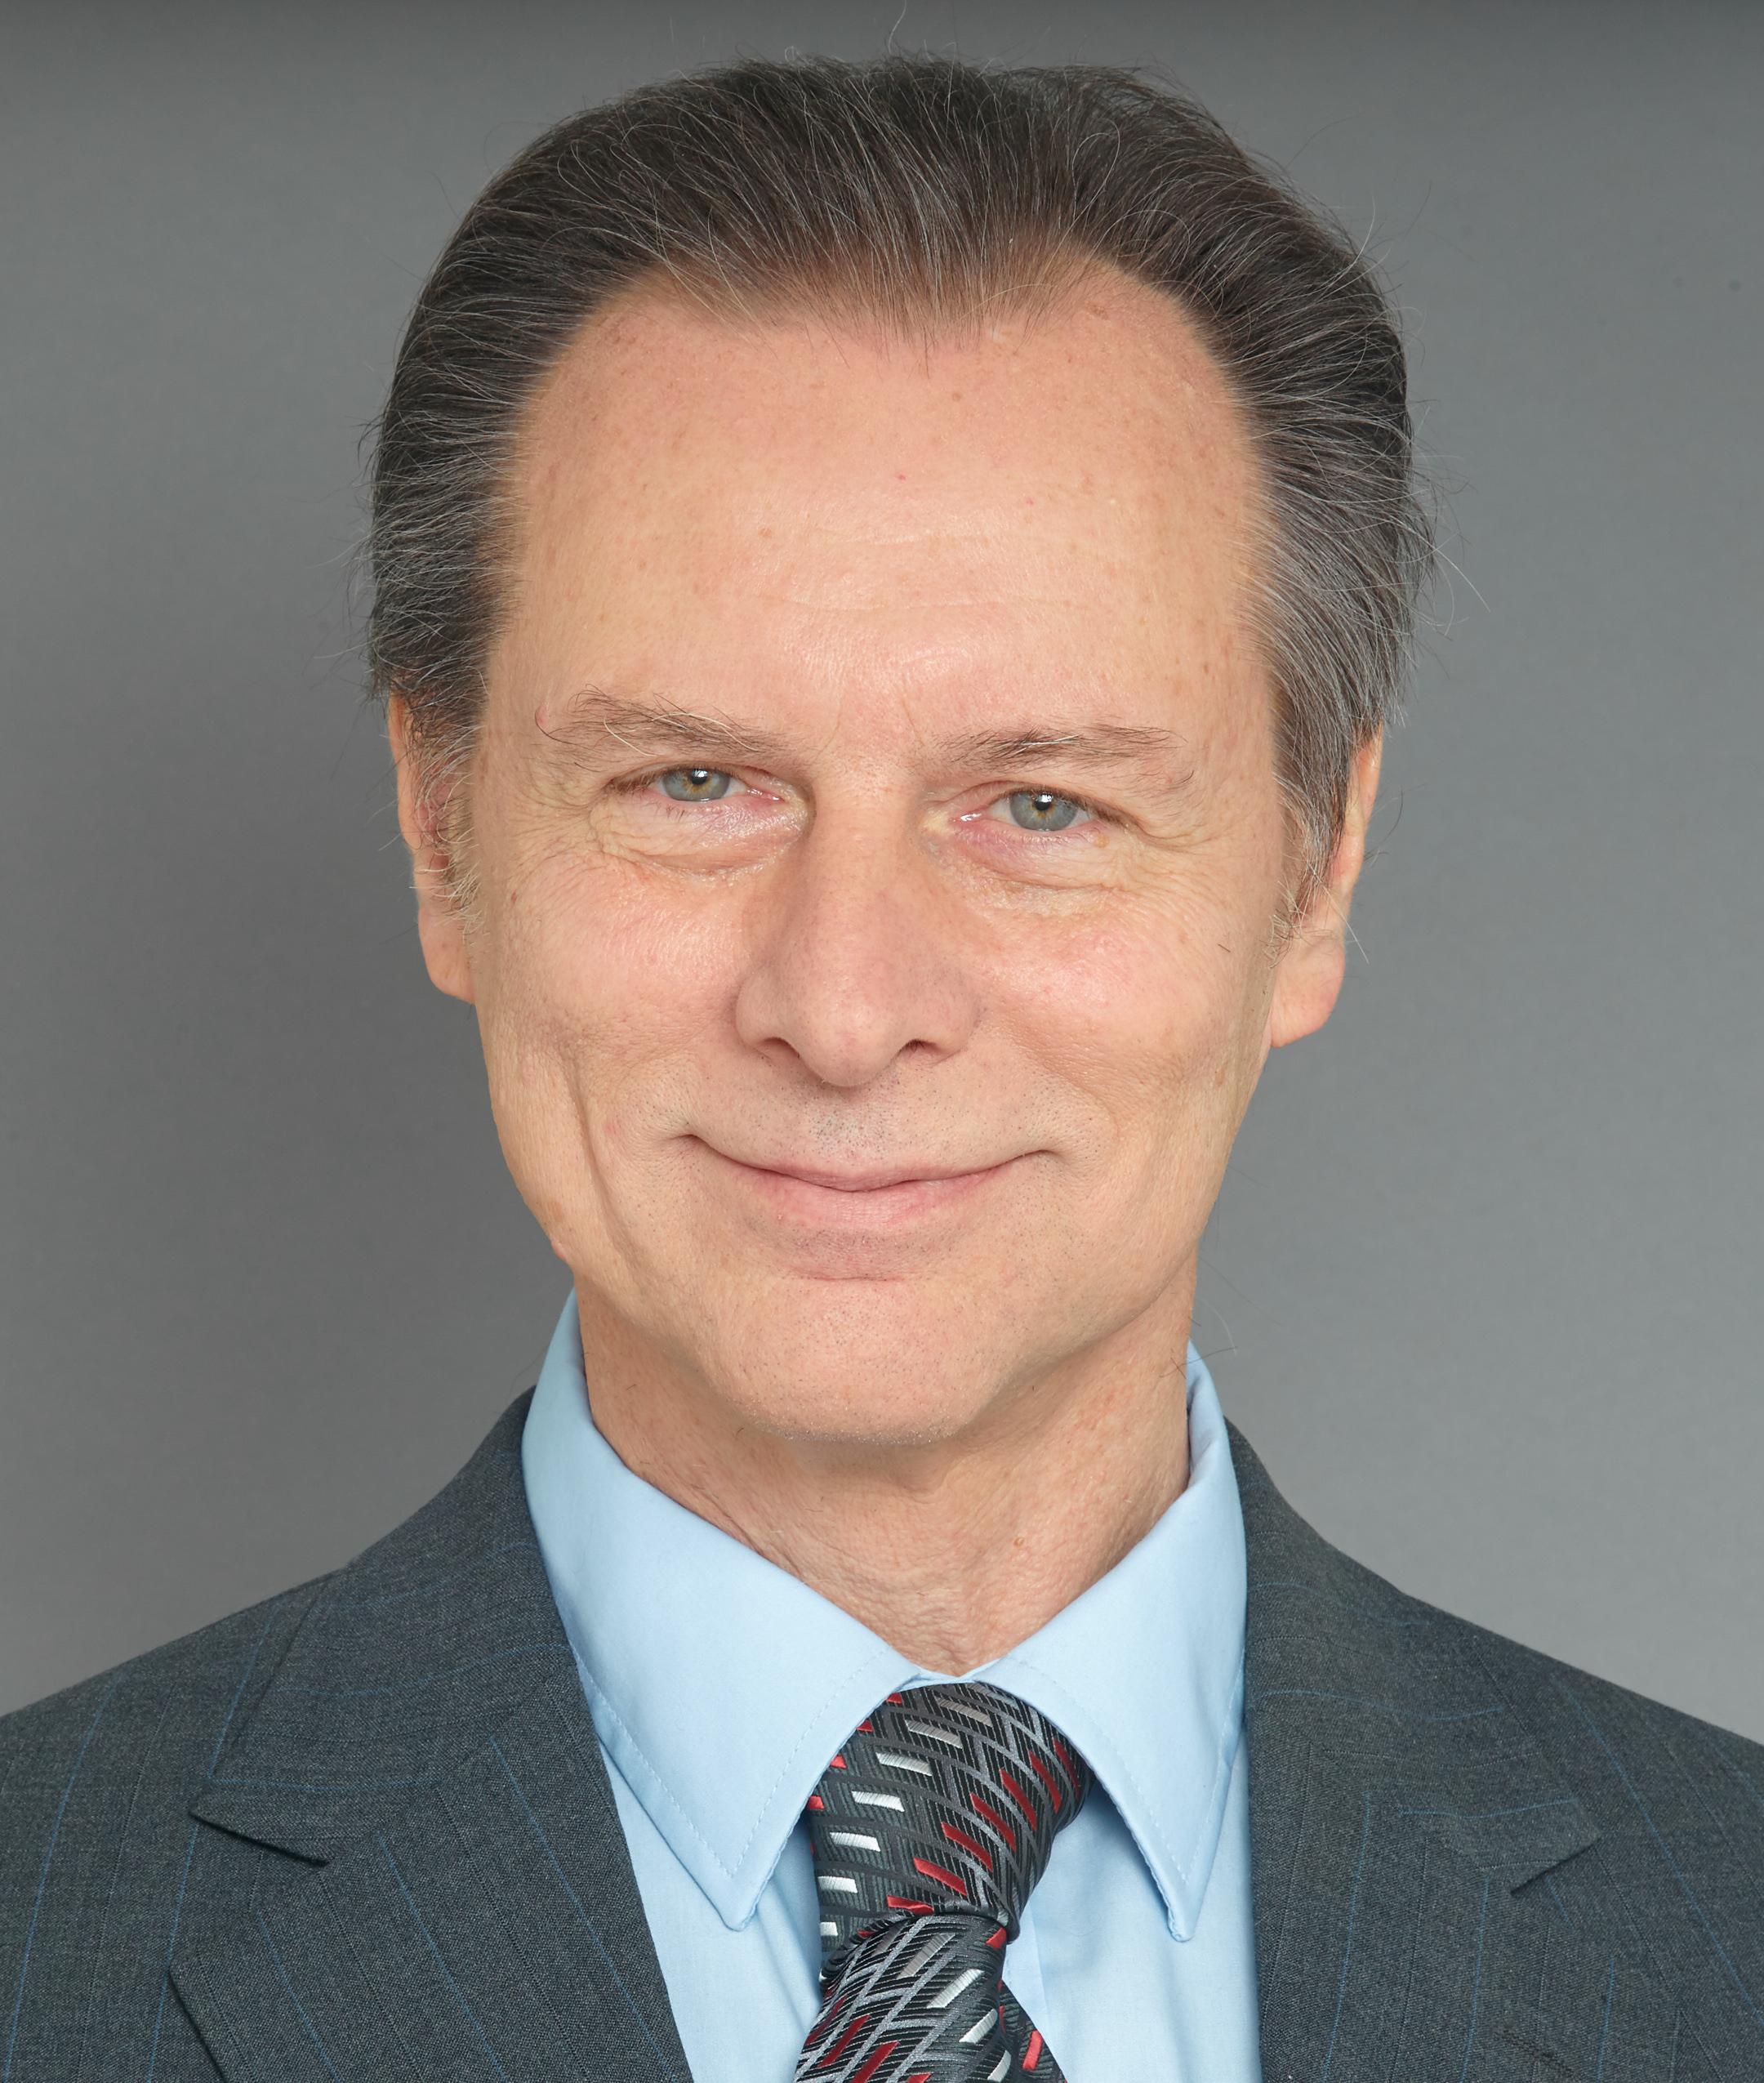 Bob Guziak